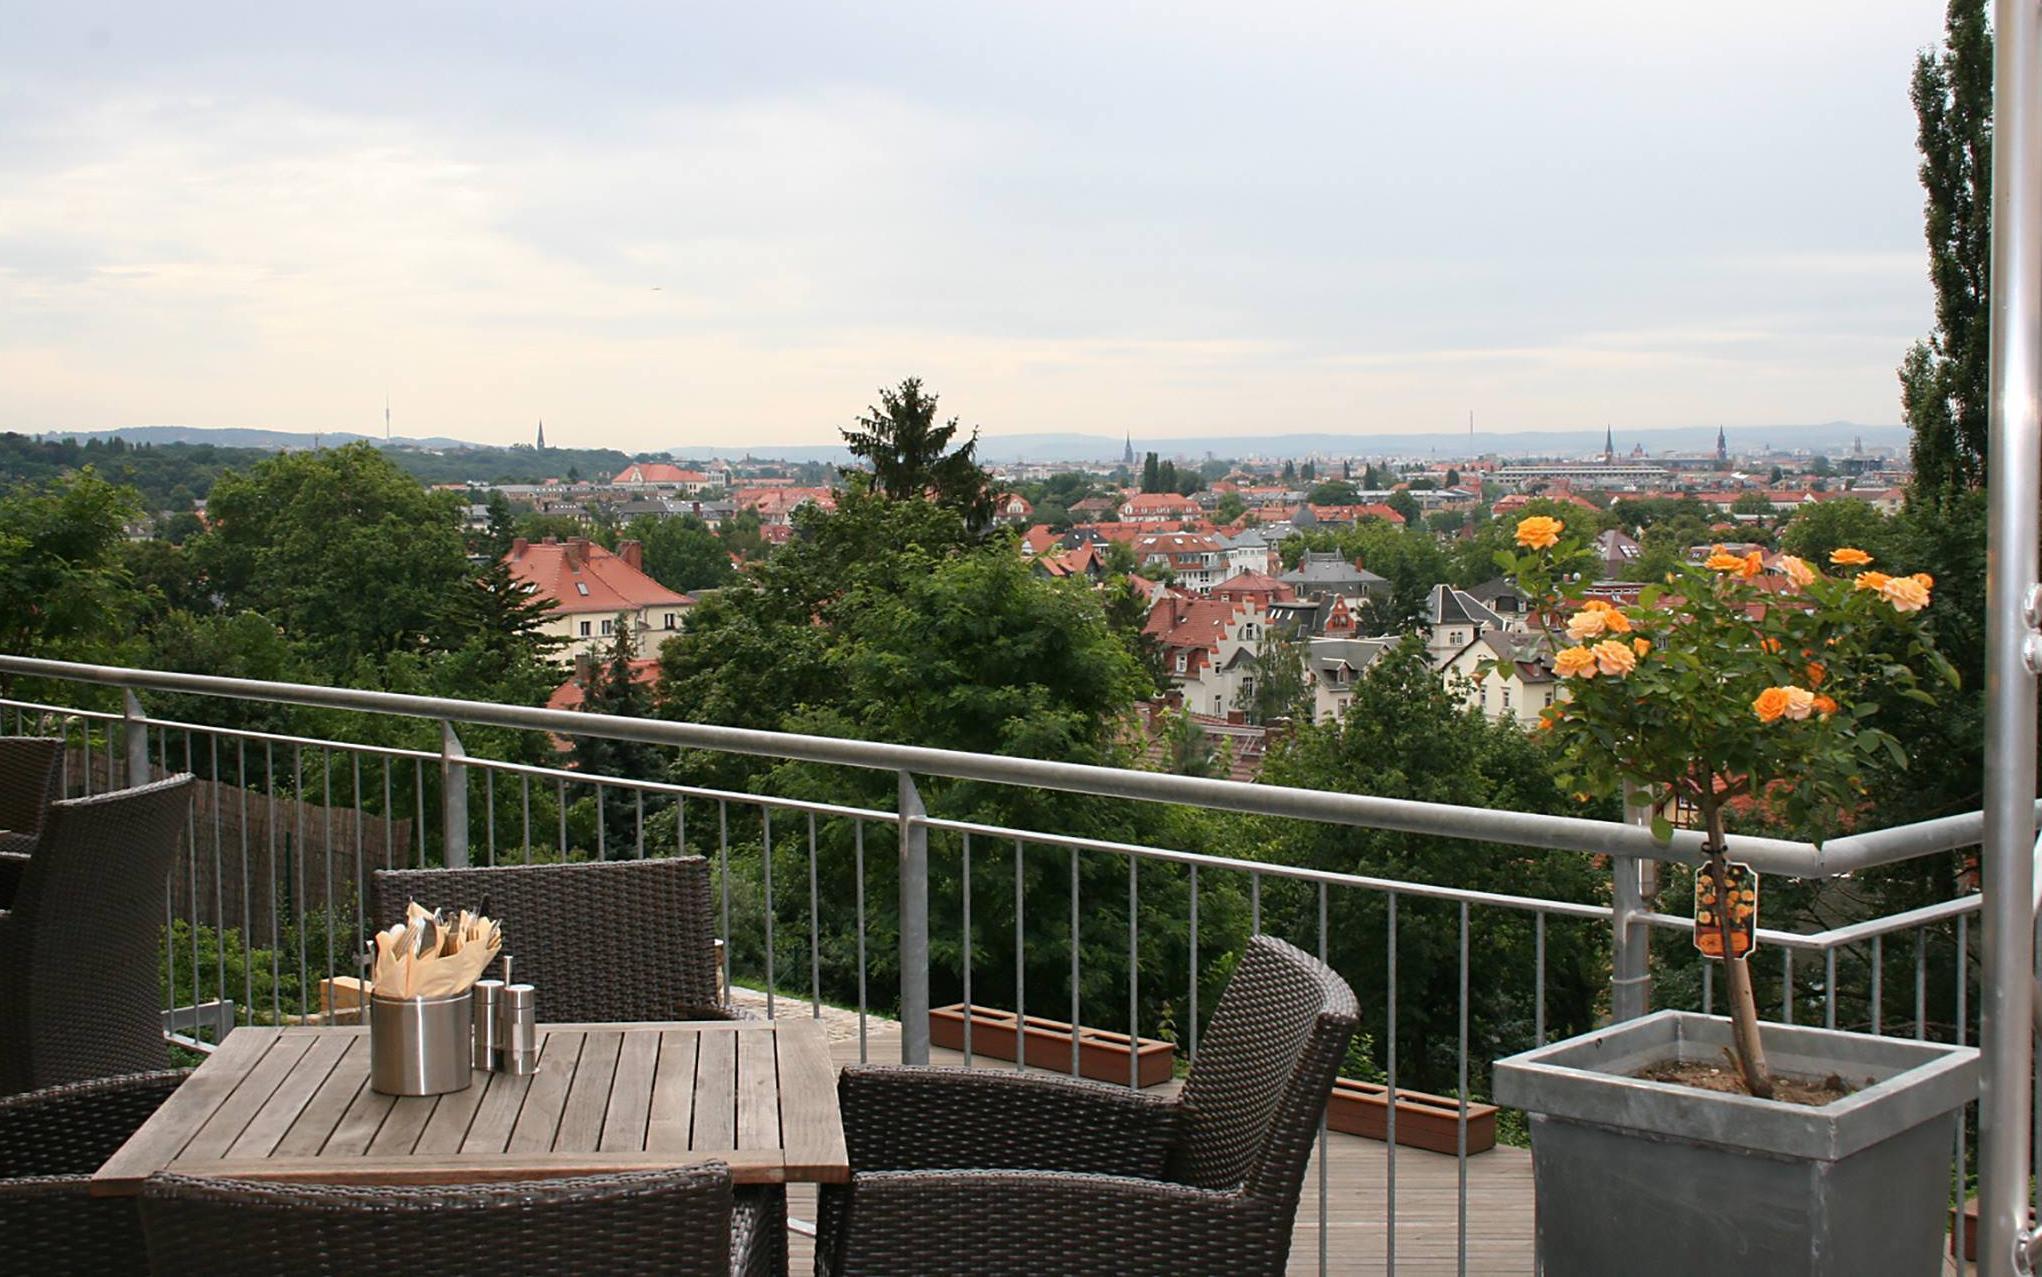 Das Hotel und Restaurant ist gut gelegen, um die Aussicht über Dresden zu genießen.